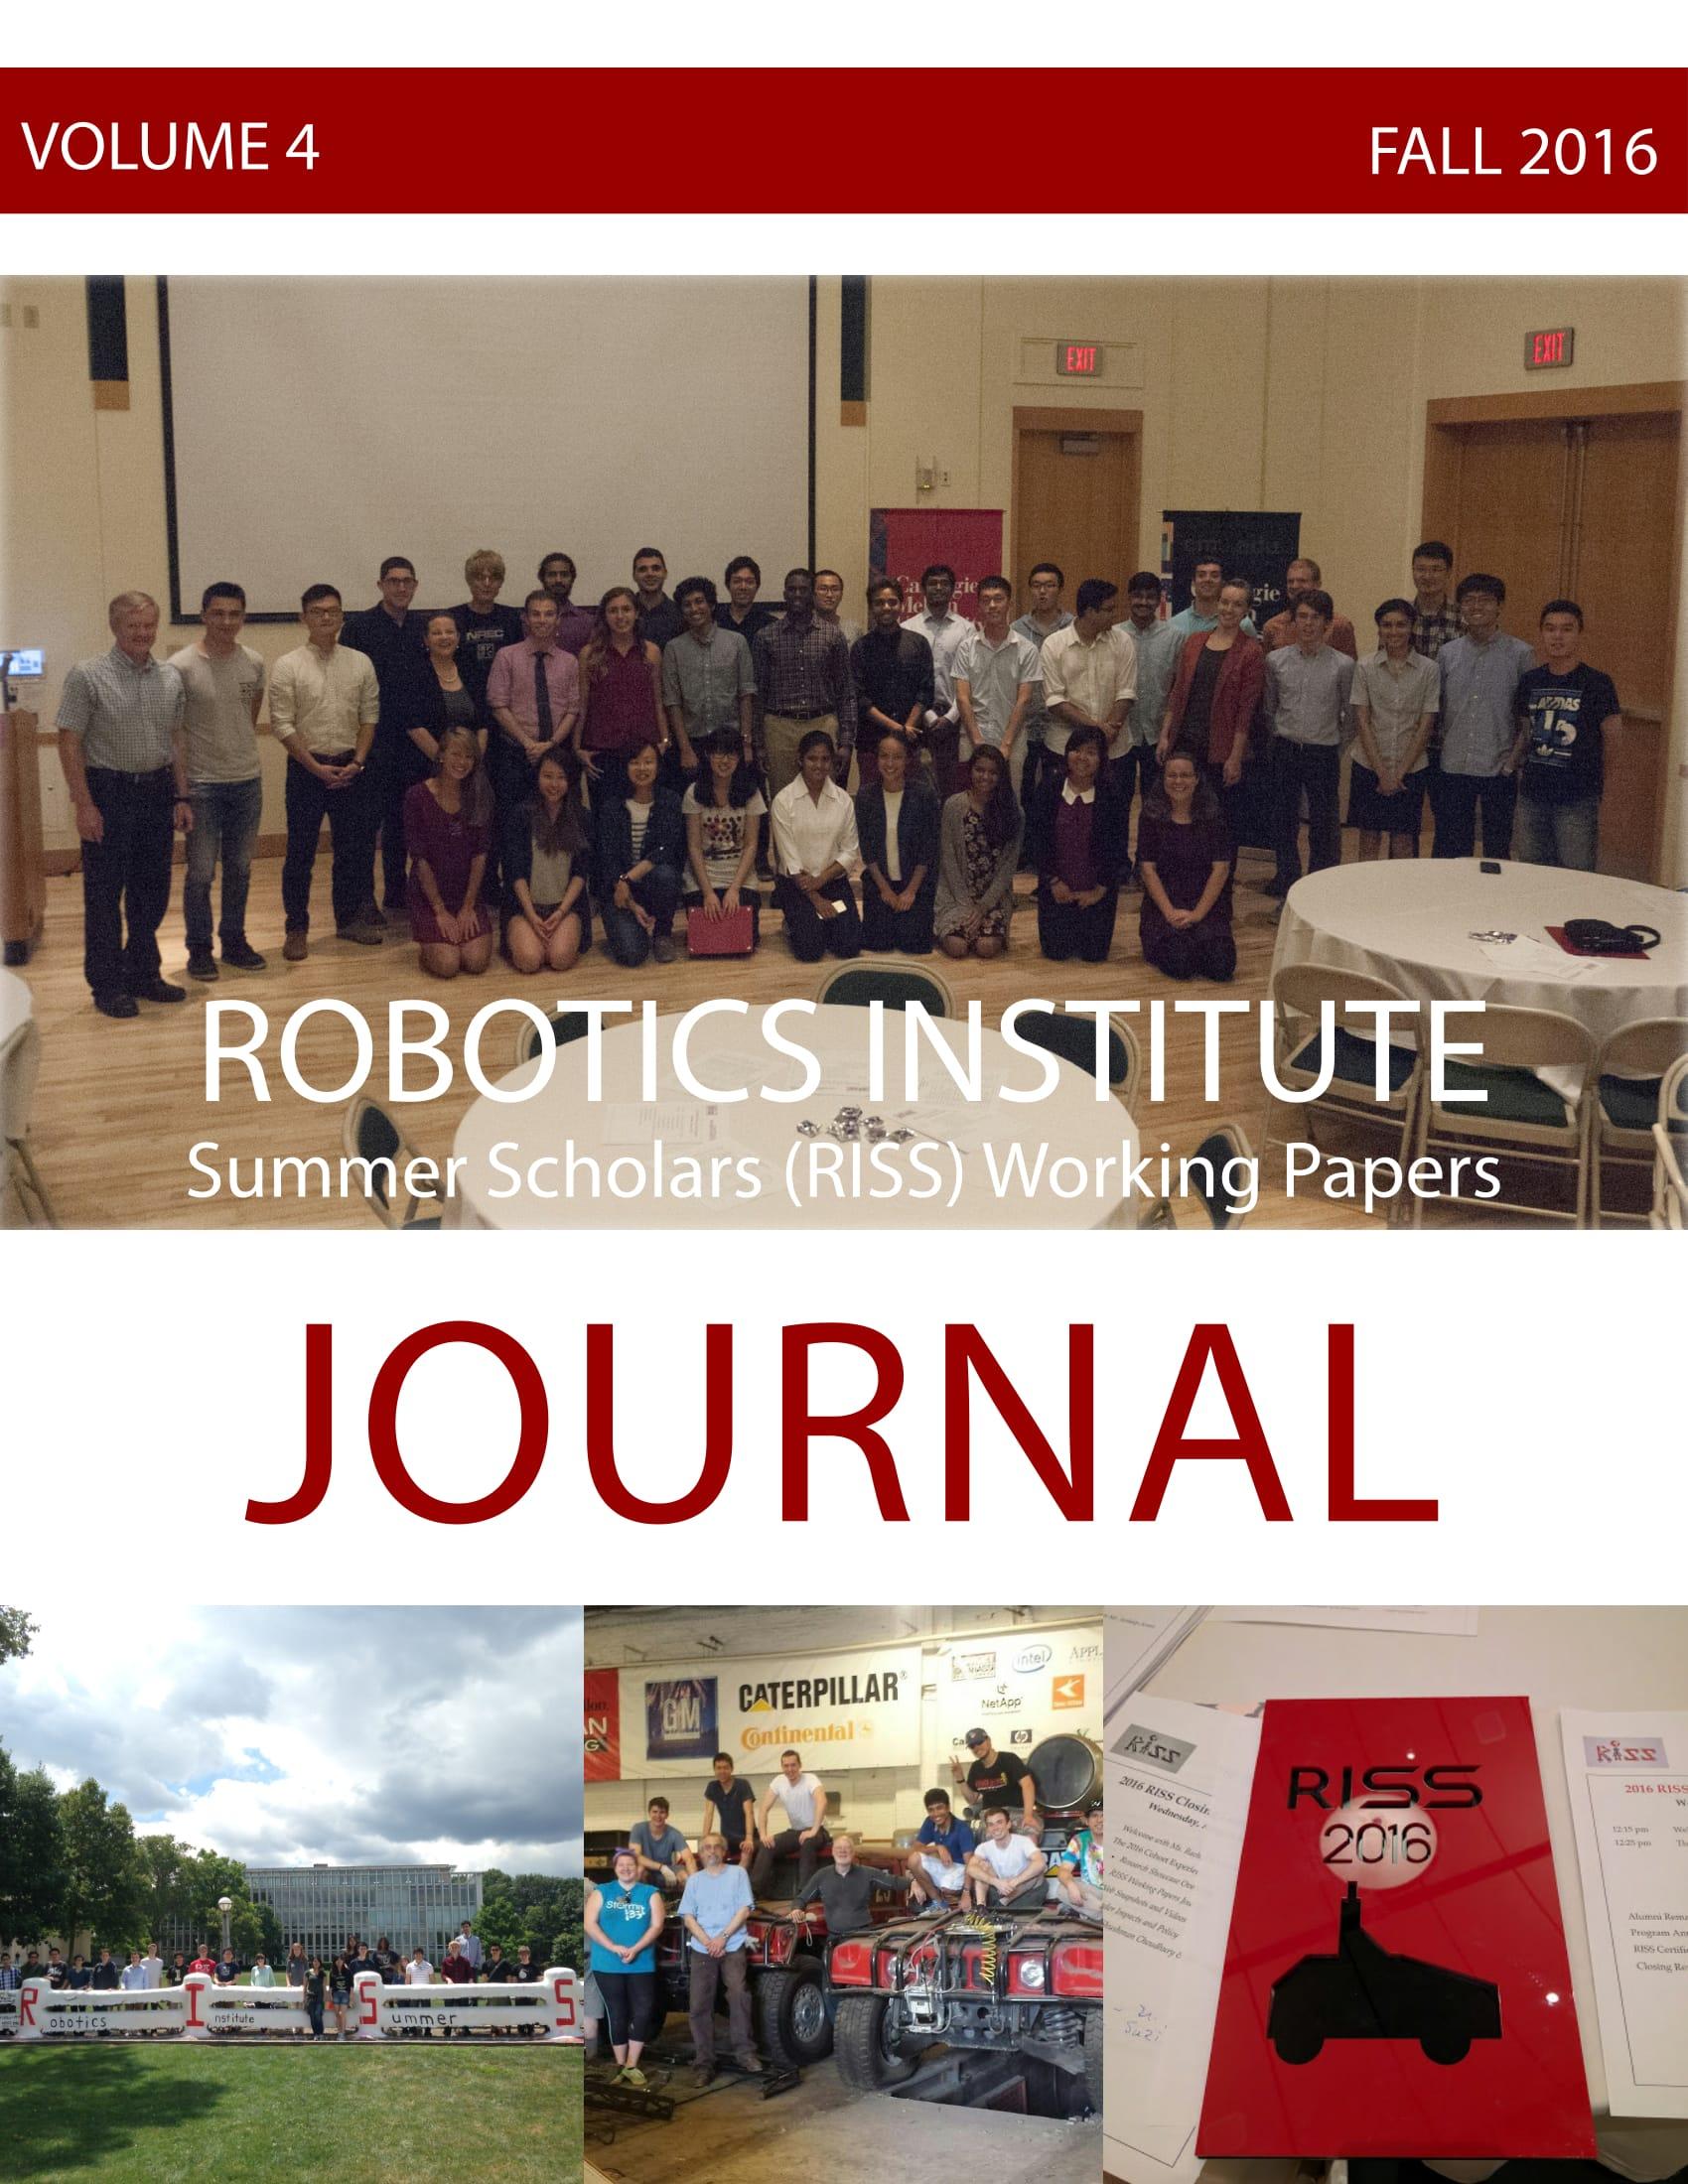 RISS Journal 2016